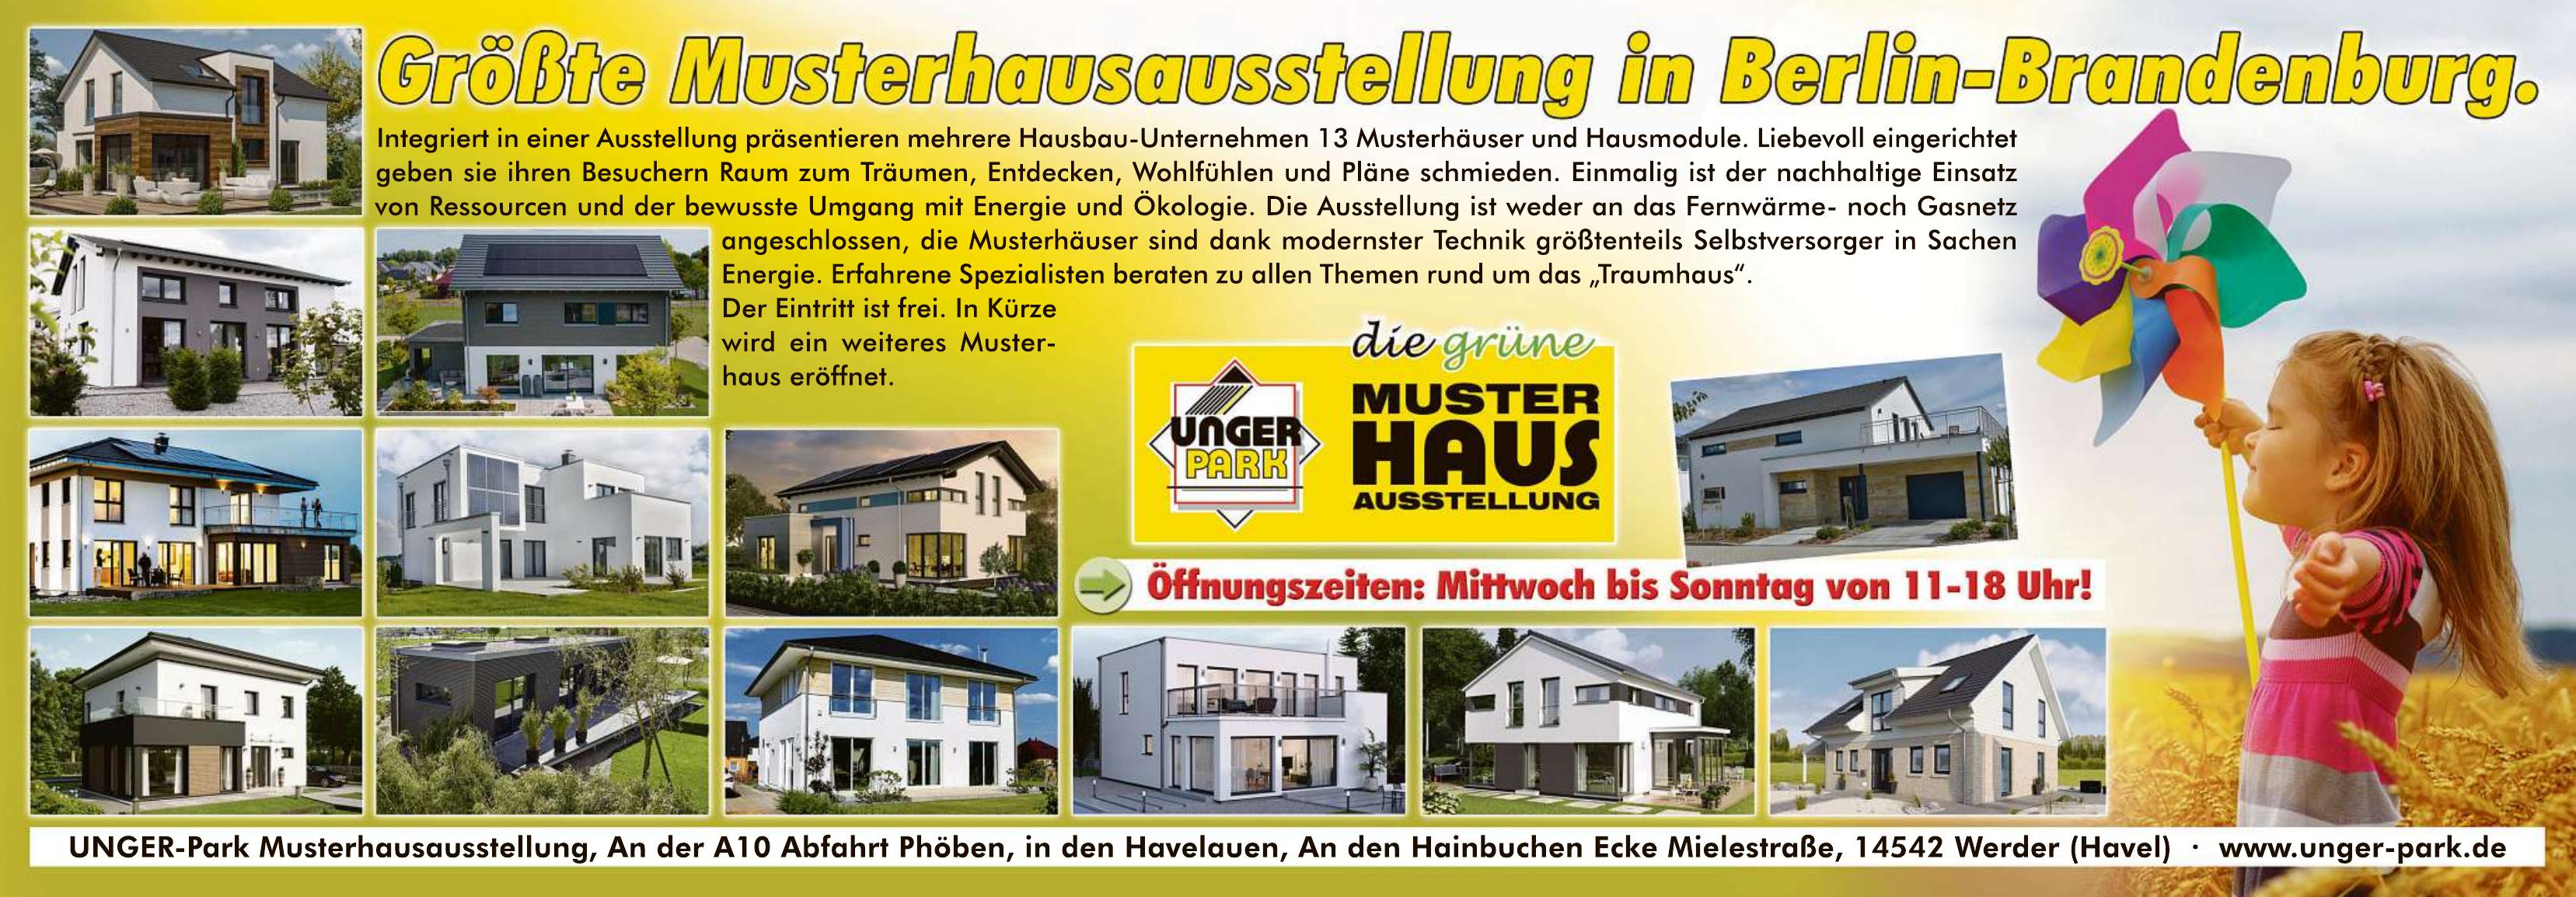 UNGER-Park Musterhausausstellung